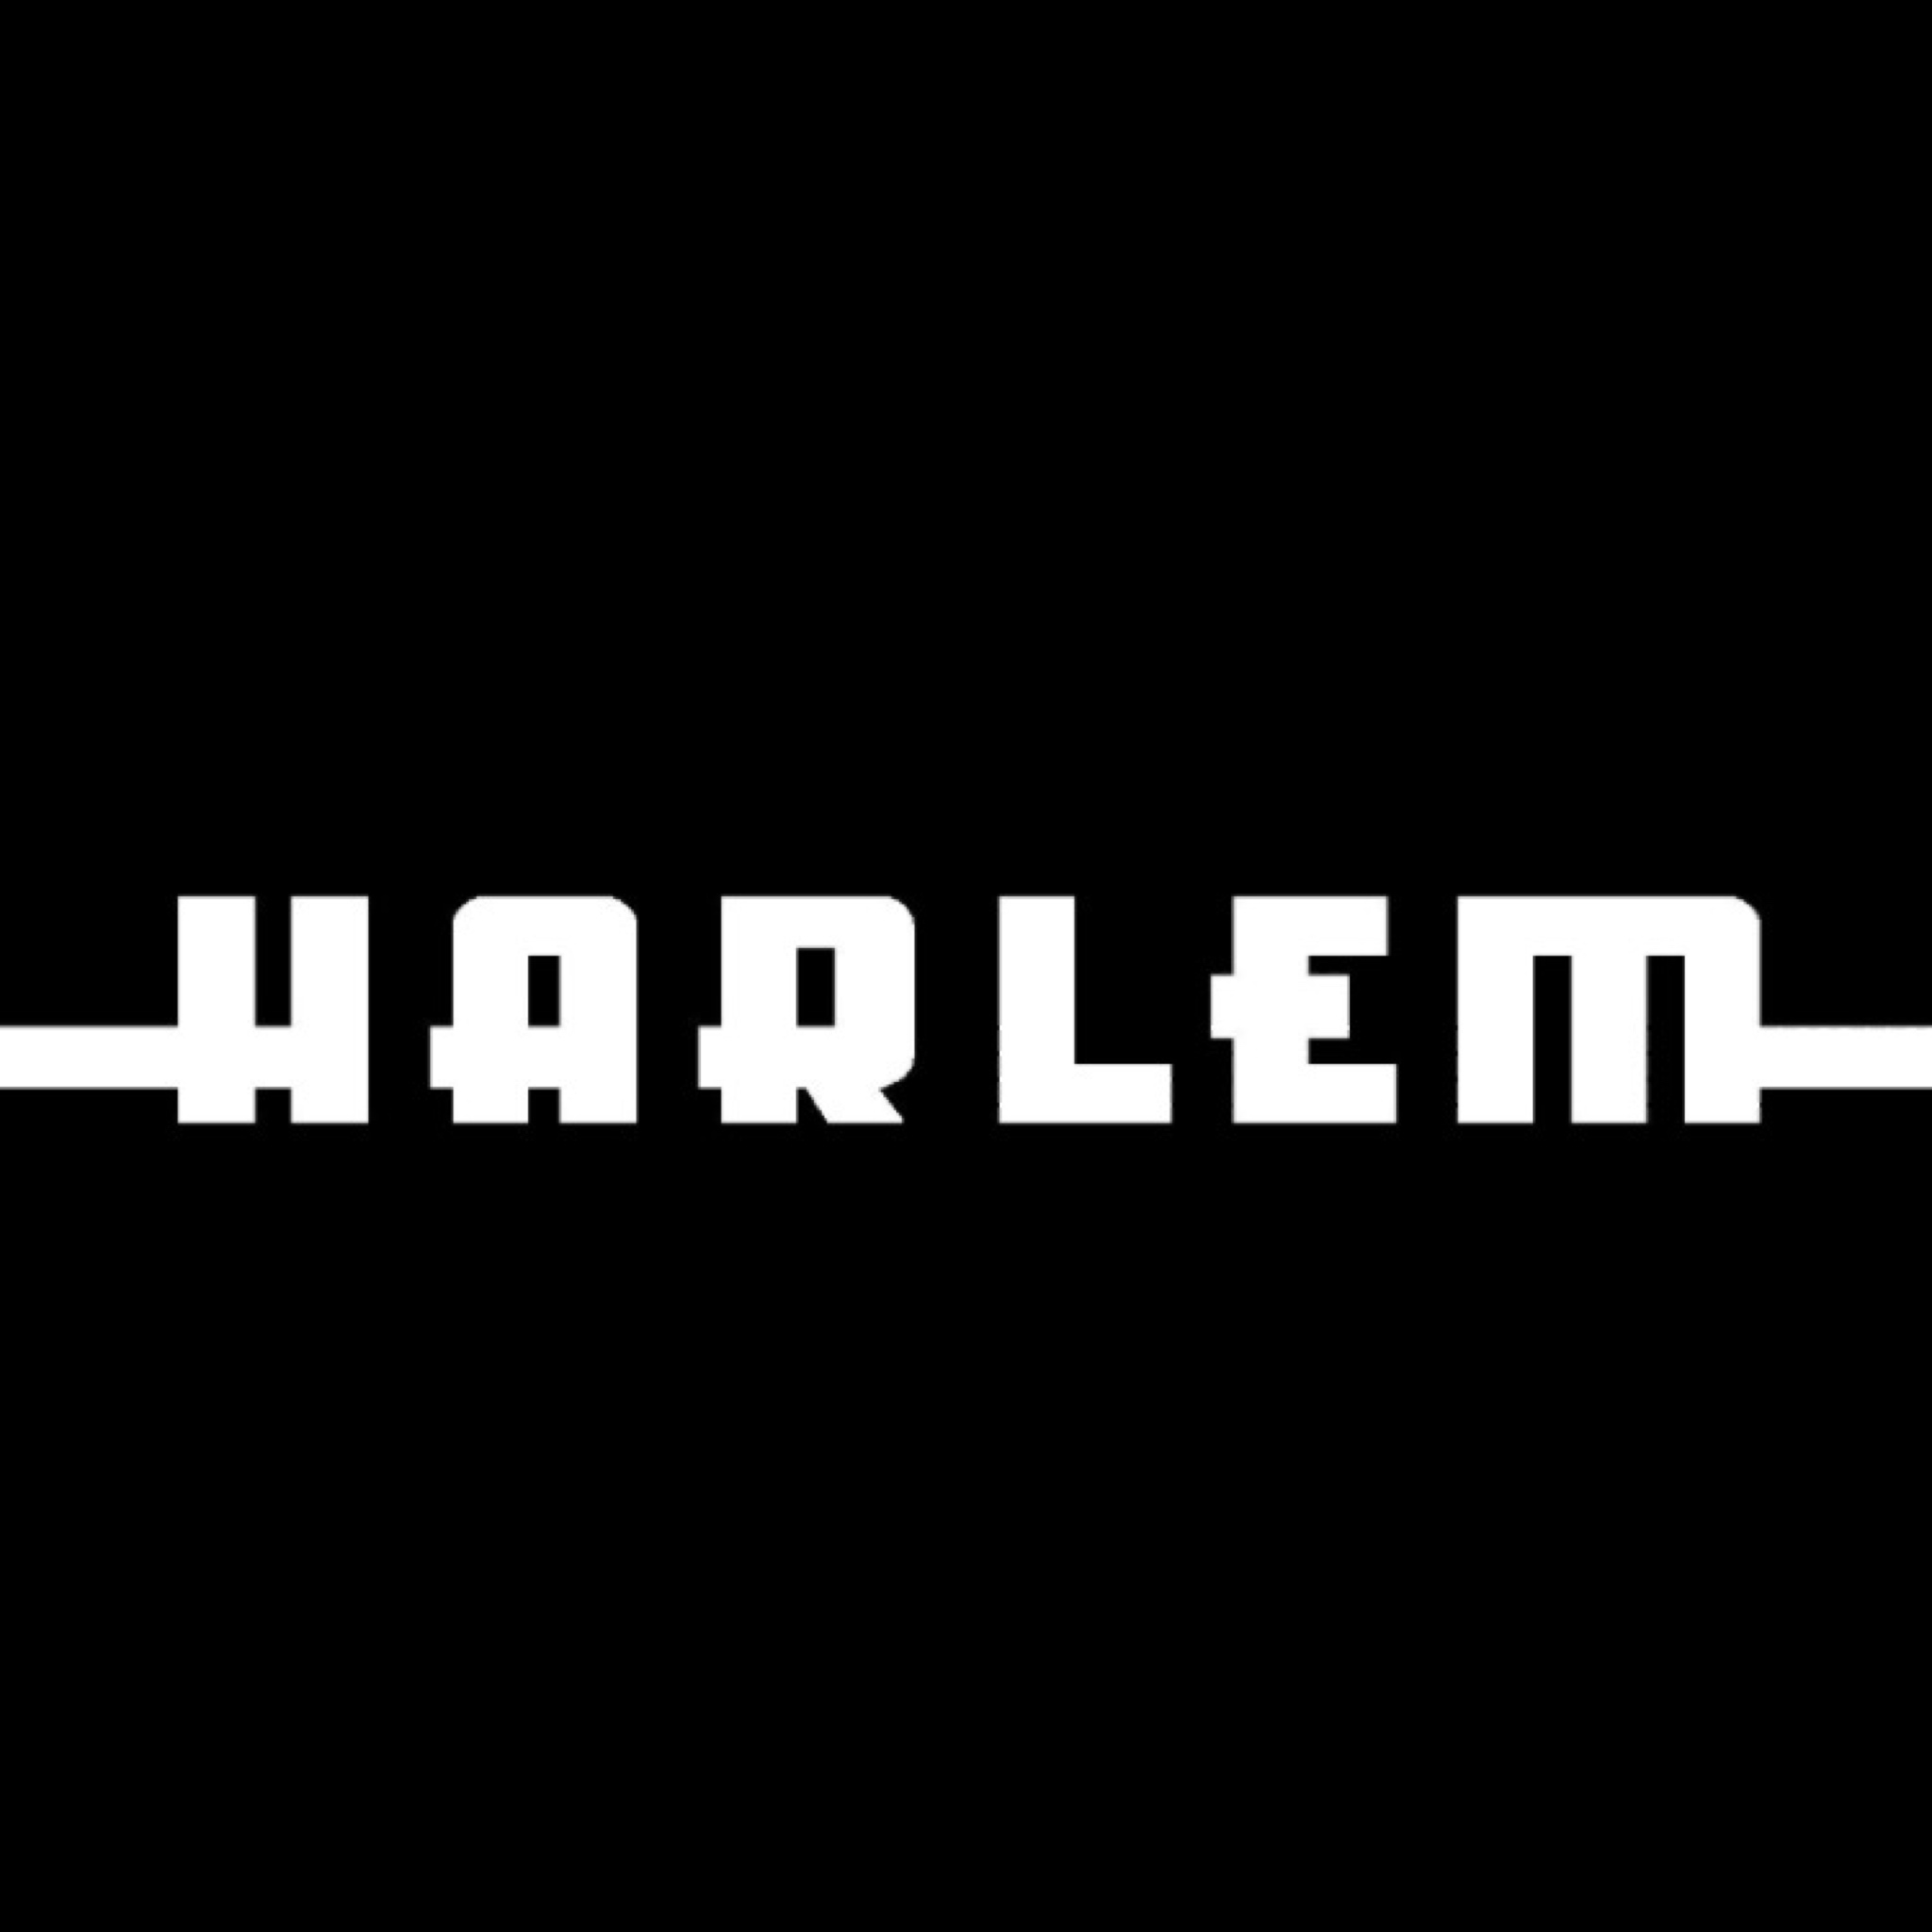 渋谷に来たら、絶対ここ♡Black musicの聖地 #Harlem を紹介‼️‼️ #渋谷 #club #ハーレム